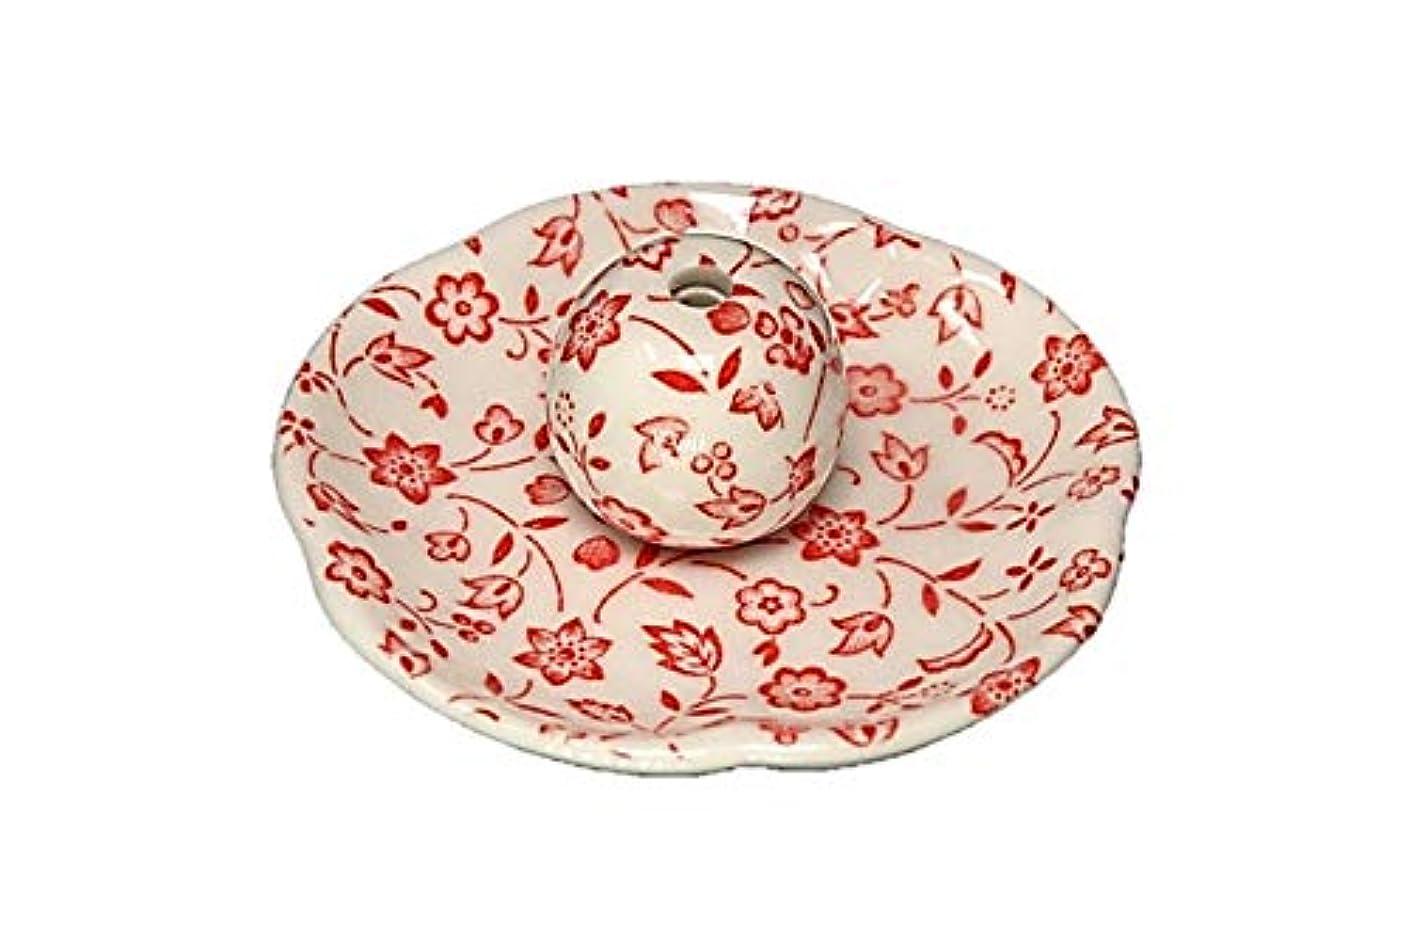 予知言い訳公赤小花 花形香皿 お香立て お香たて 日本製 ACSWEBSHOPオリジナル